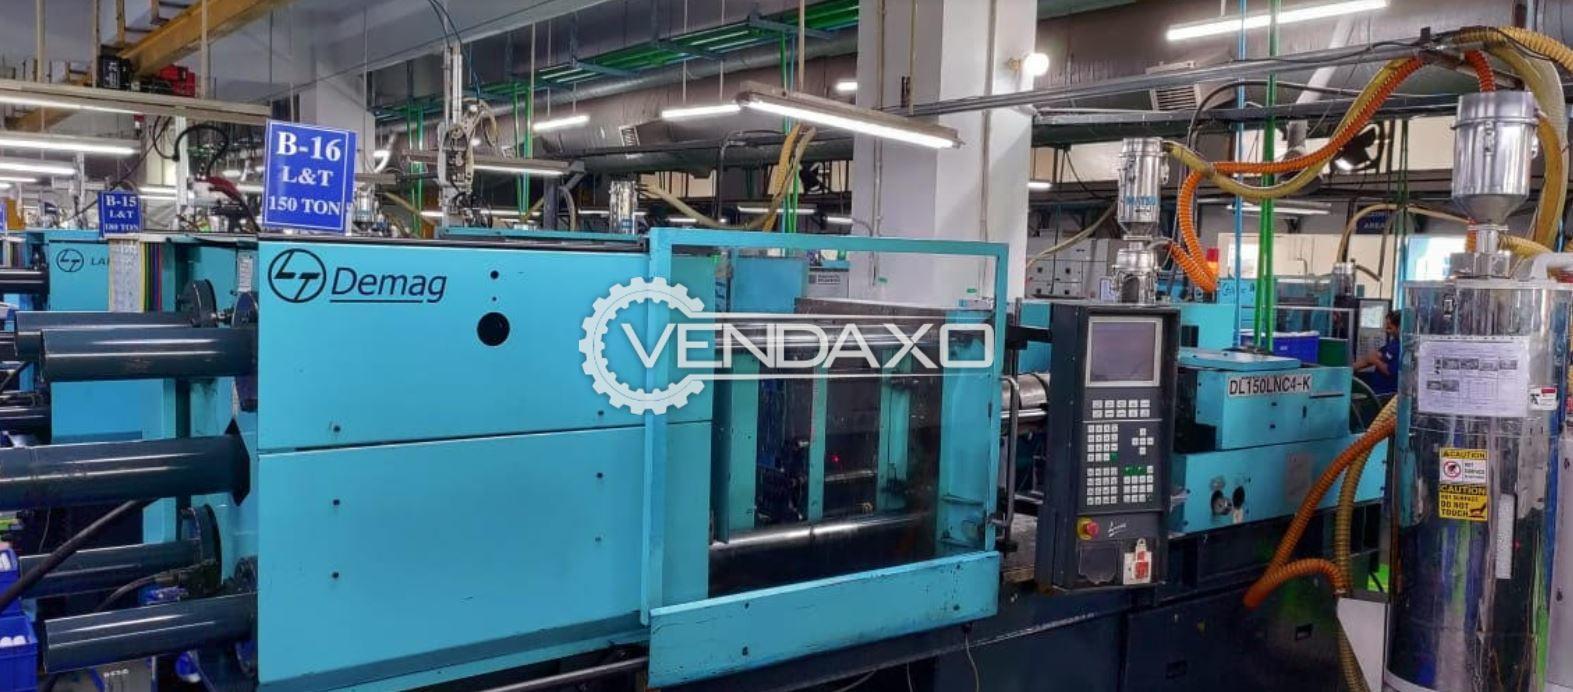 3 Set of L&T Demag DT100-535LNC4E Injection Moulding Machine - 100 & 150 Ton